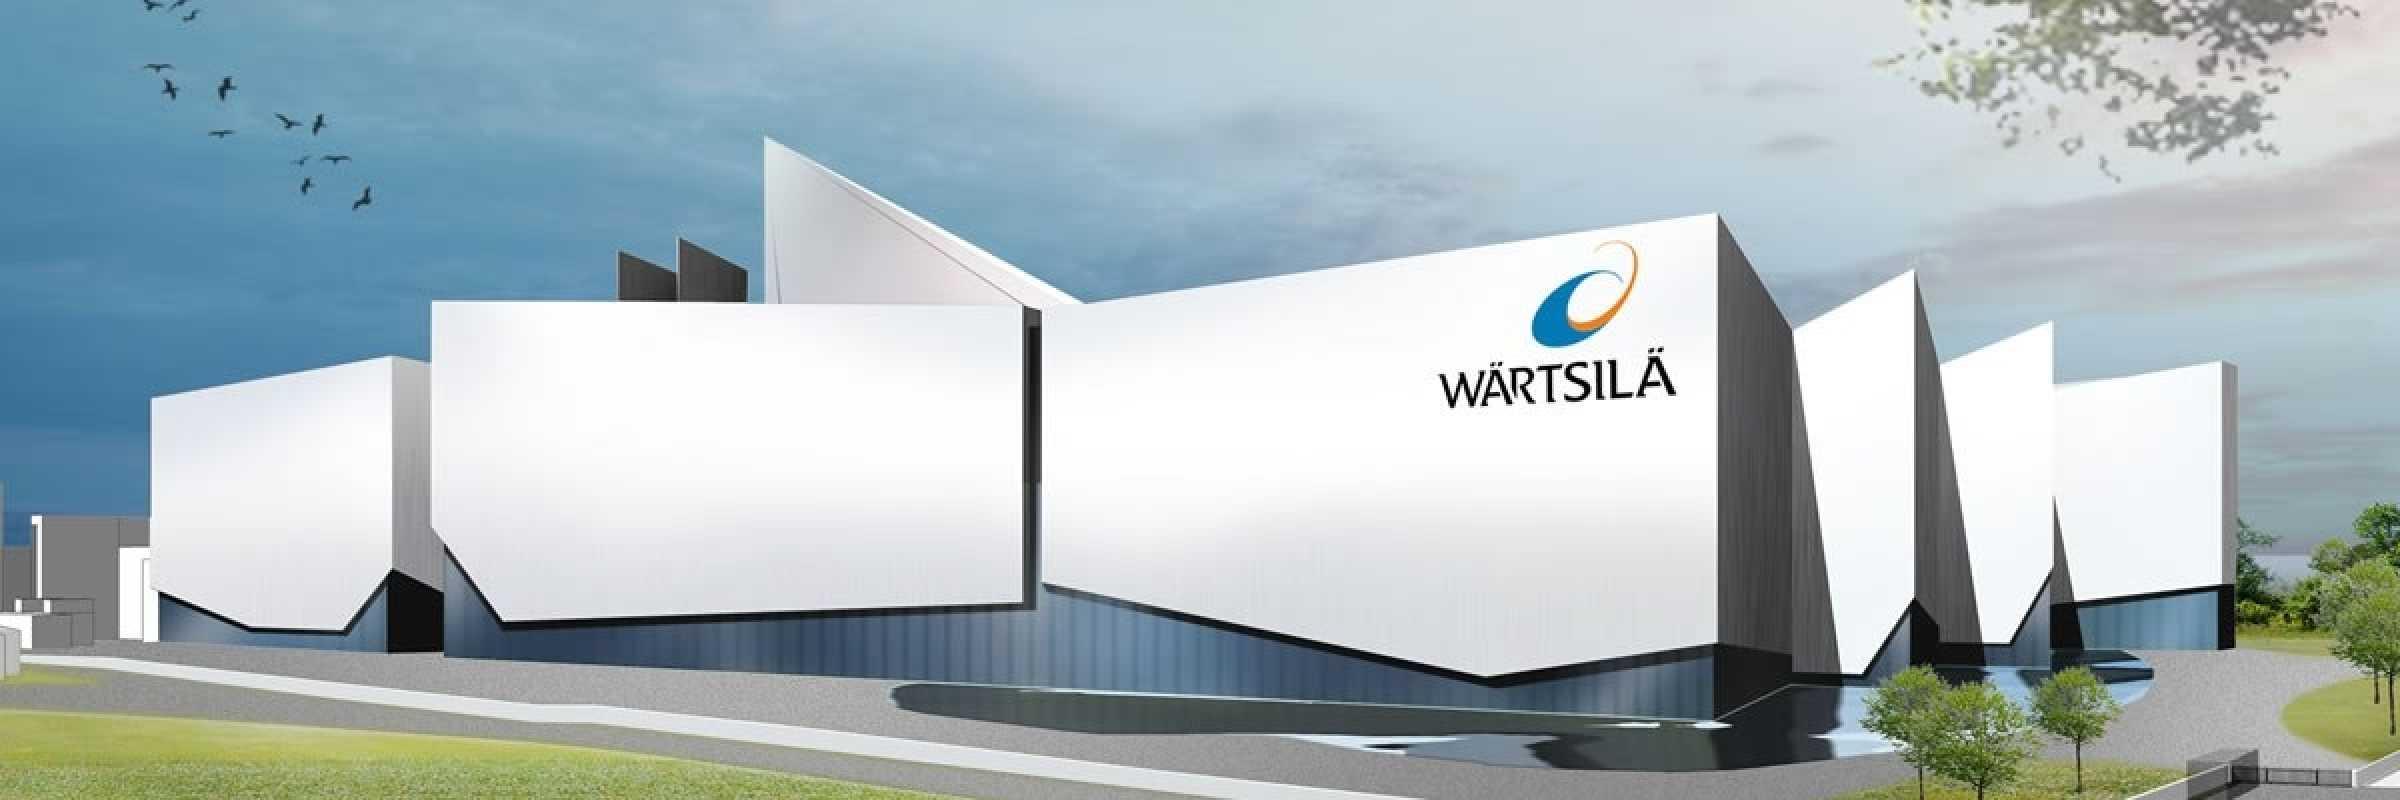 Wärtsilä makes significant investment in Finland